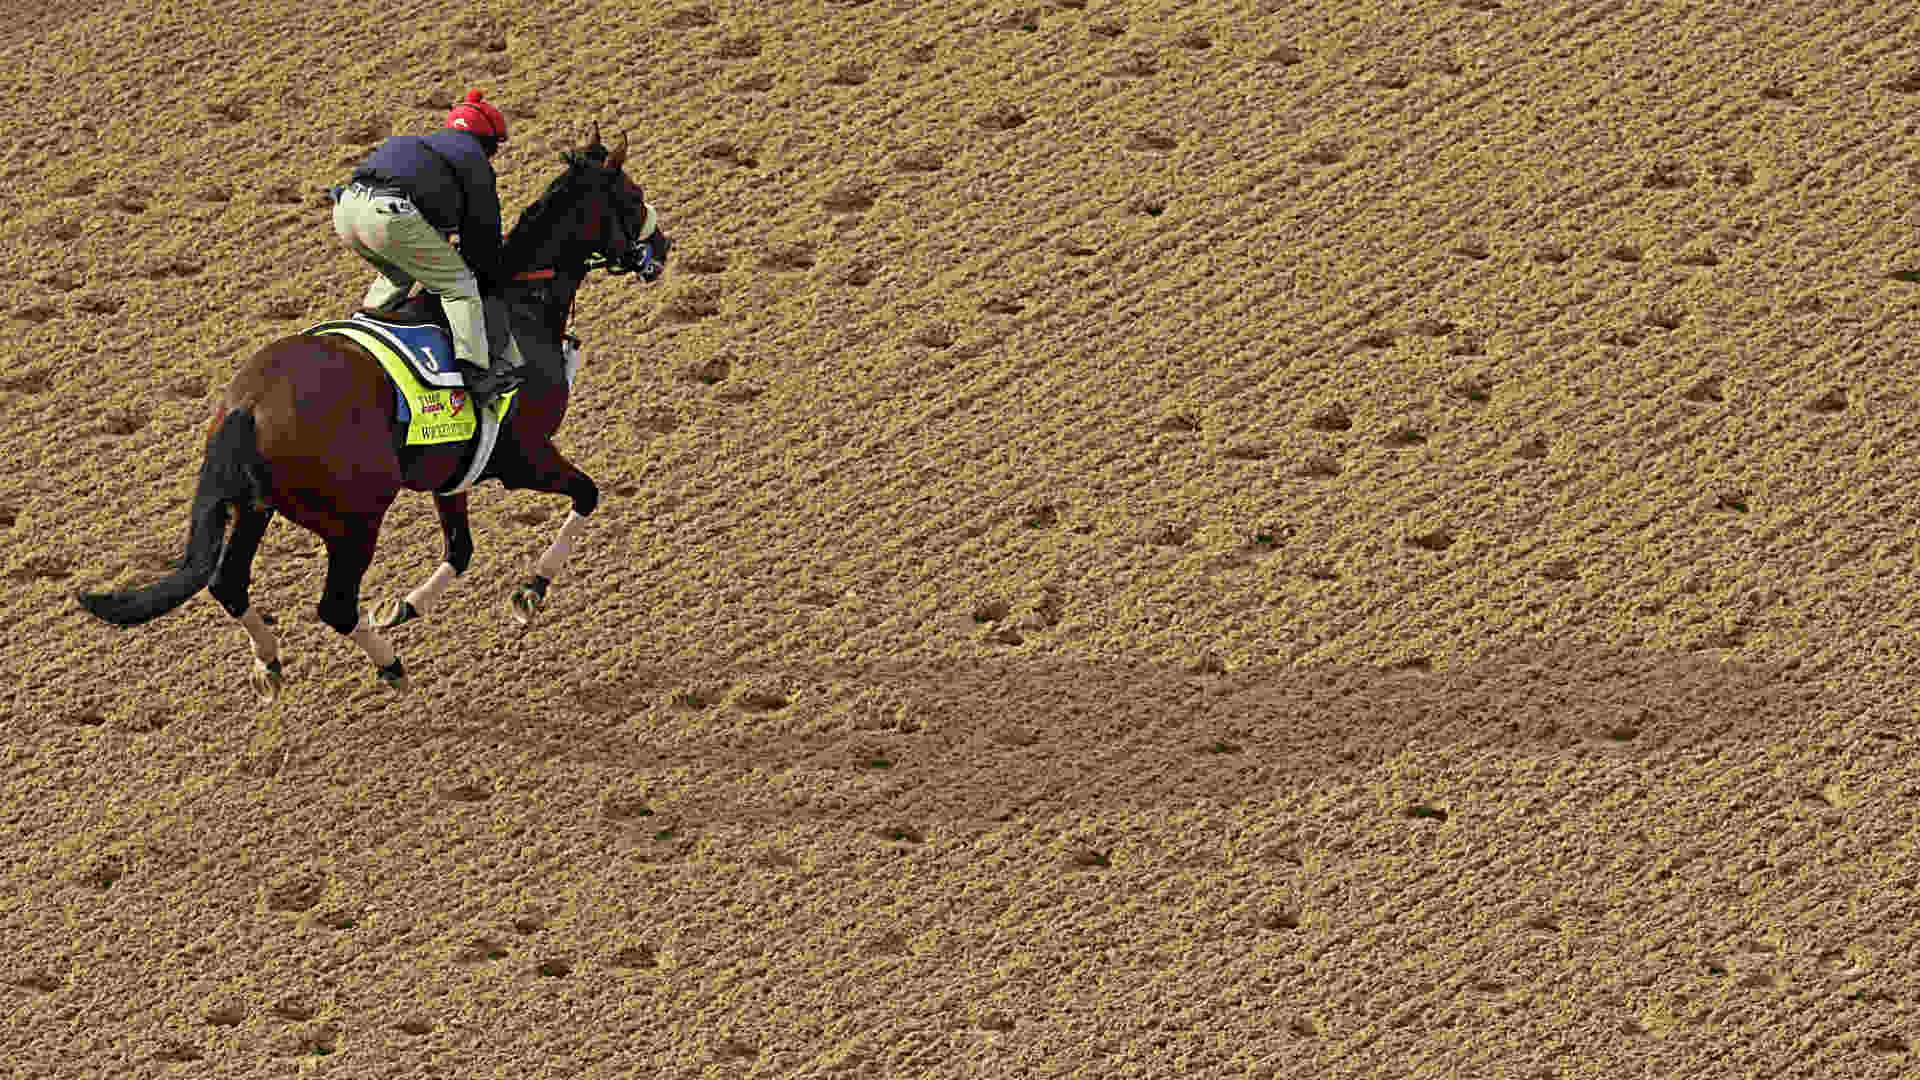 Kentucky-Derby-Wicked-Strong-042914-FTR-AP